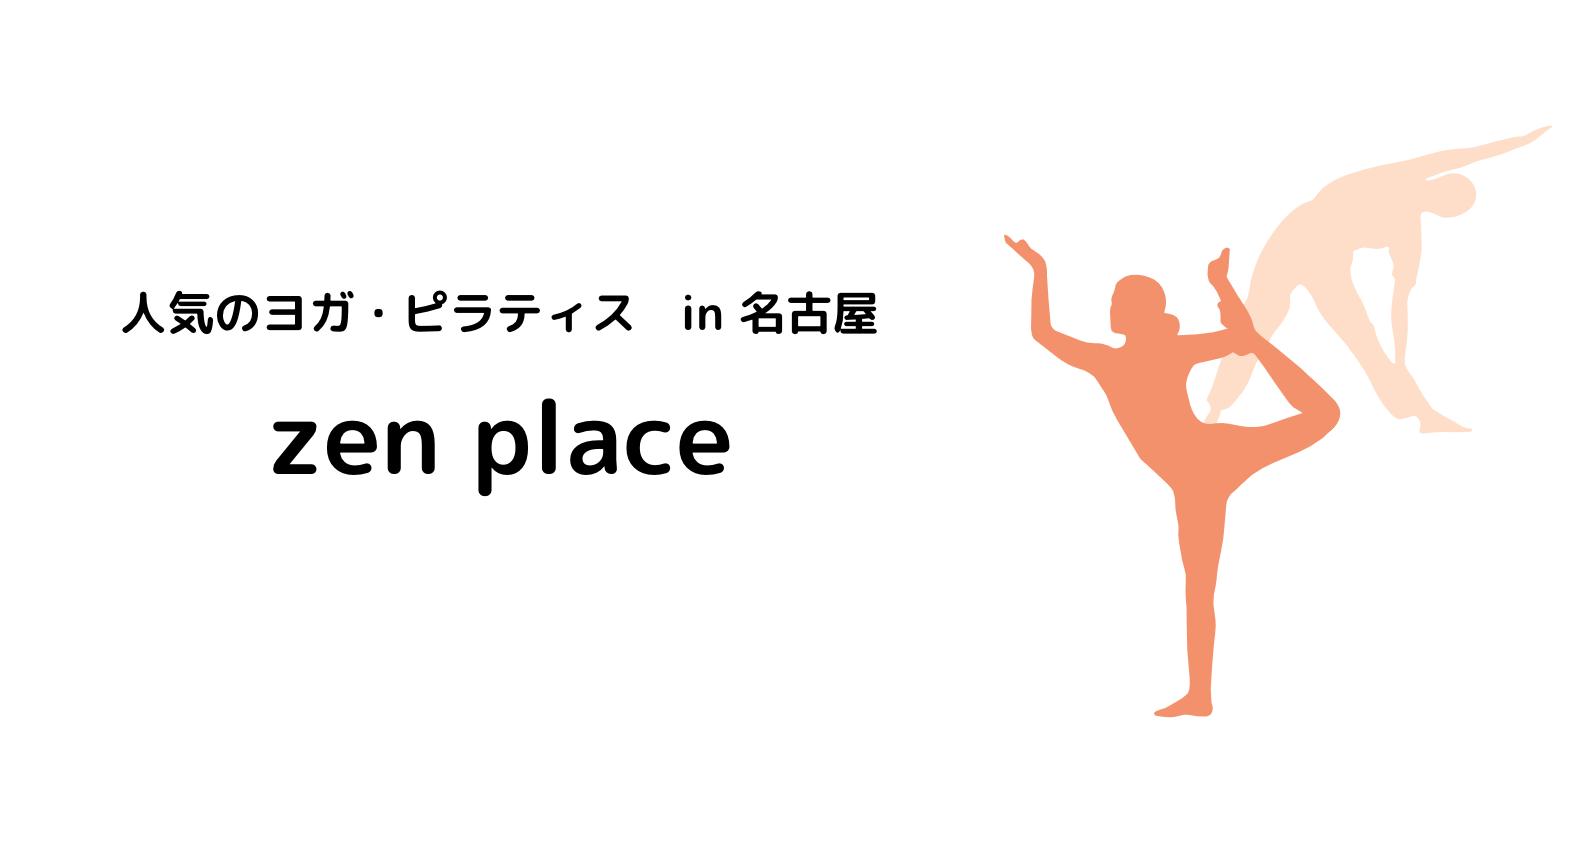 名古屋_ジム_ヨガ_ピラティス_おすすめ_人気_zenplace